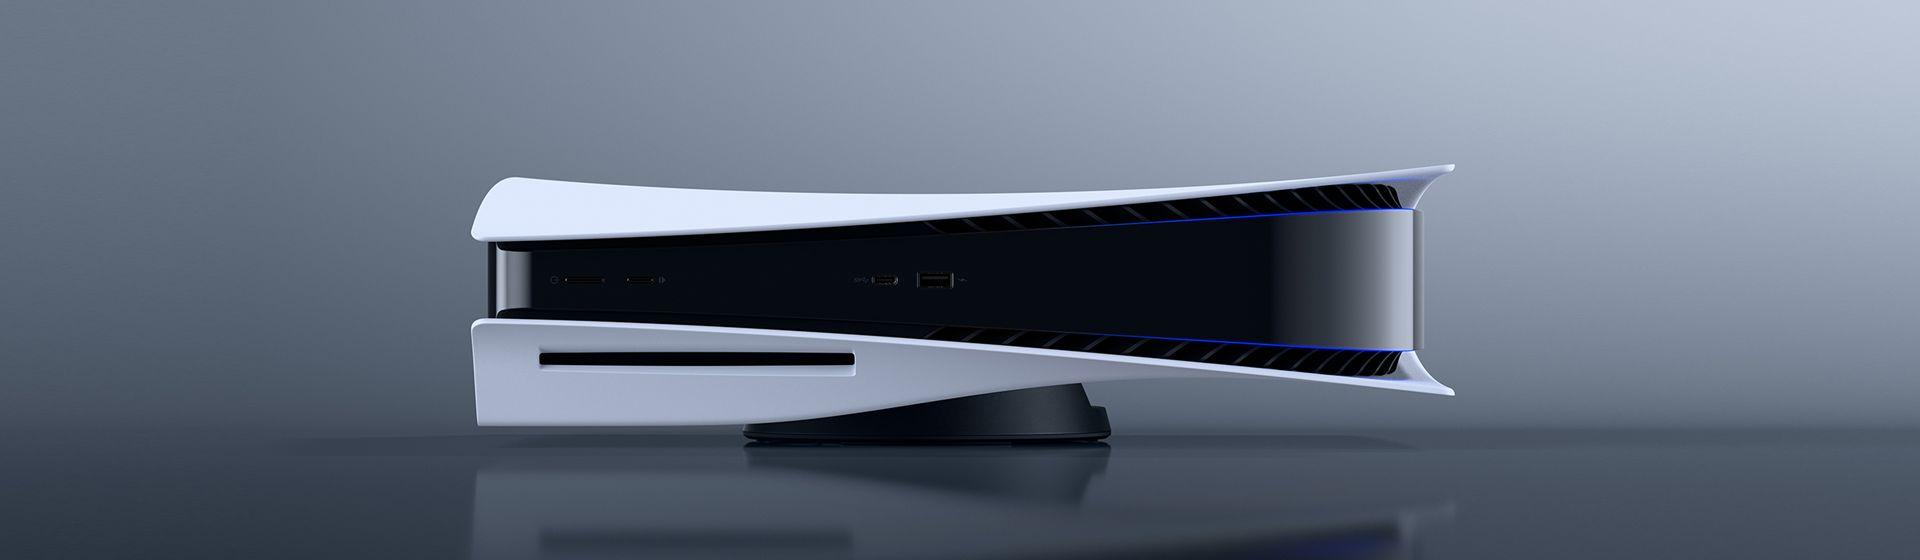 PlayStation 5: 10 coisas que você precisa fazer depois de comprar